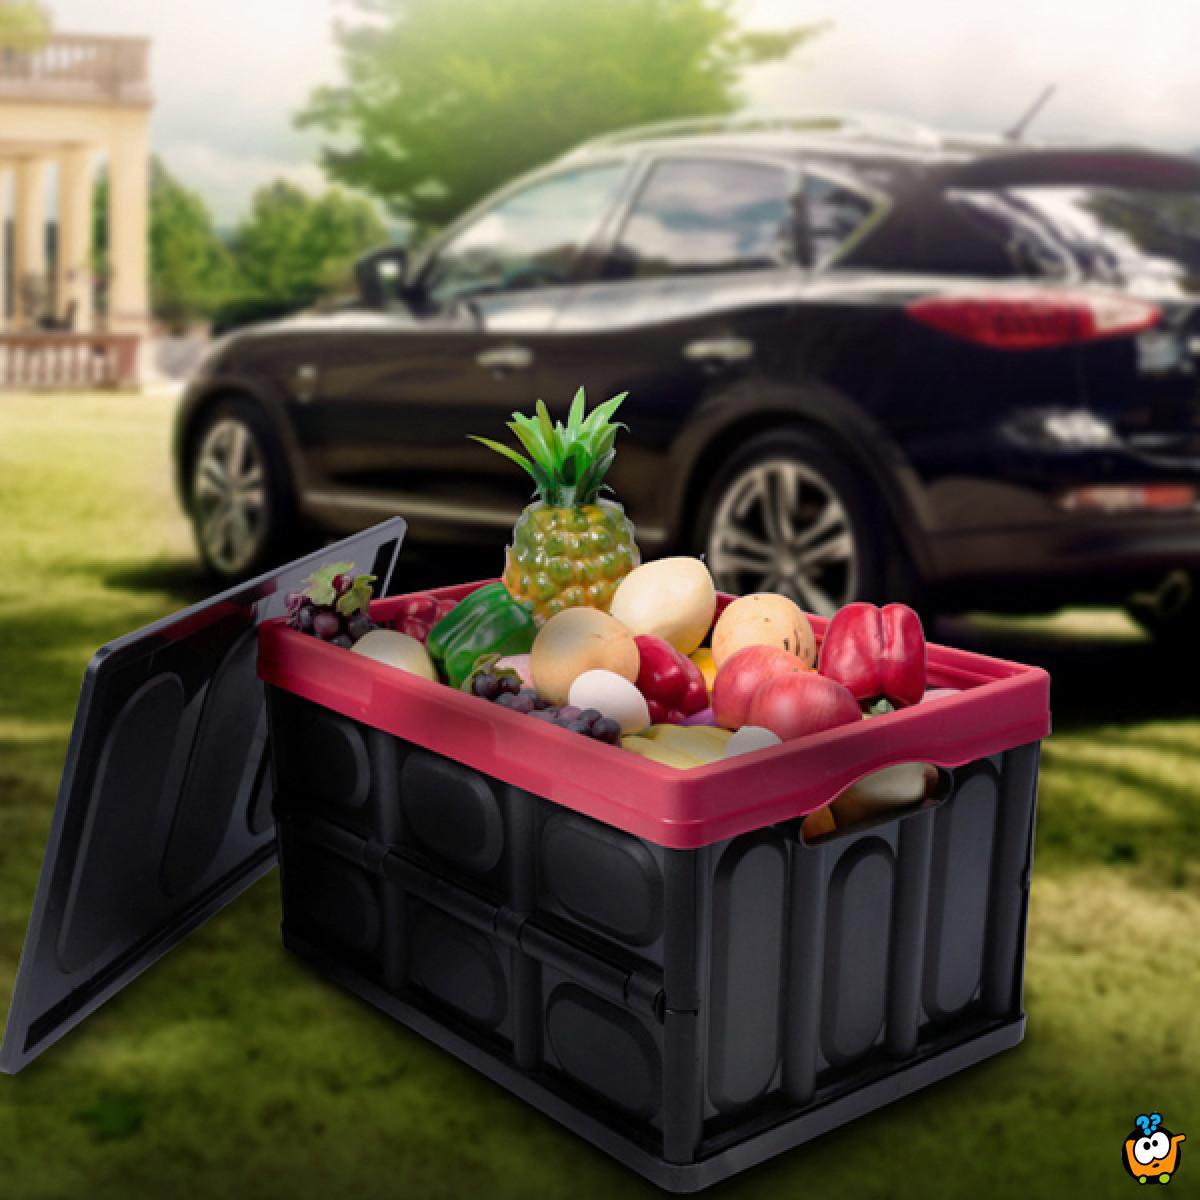 Kutija za skladištenje stvari u automobilu